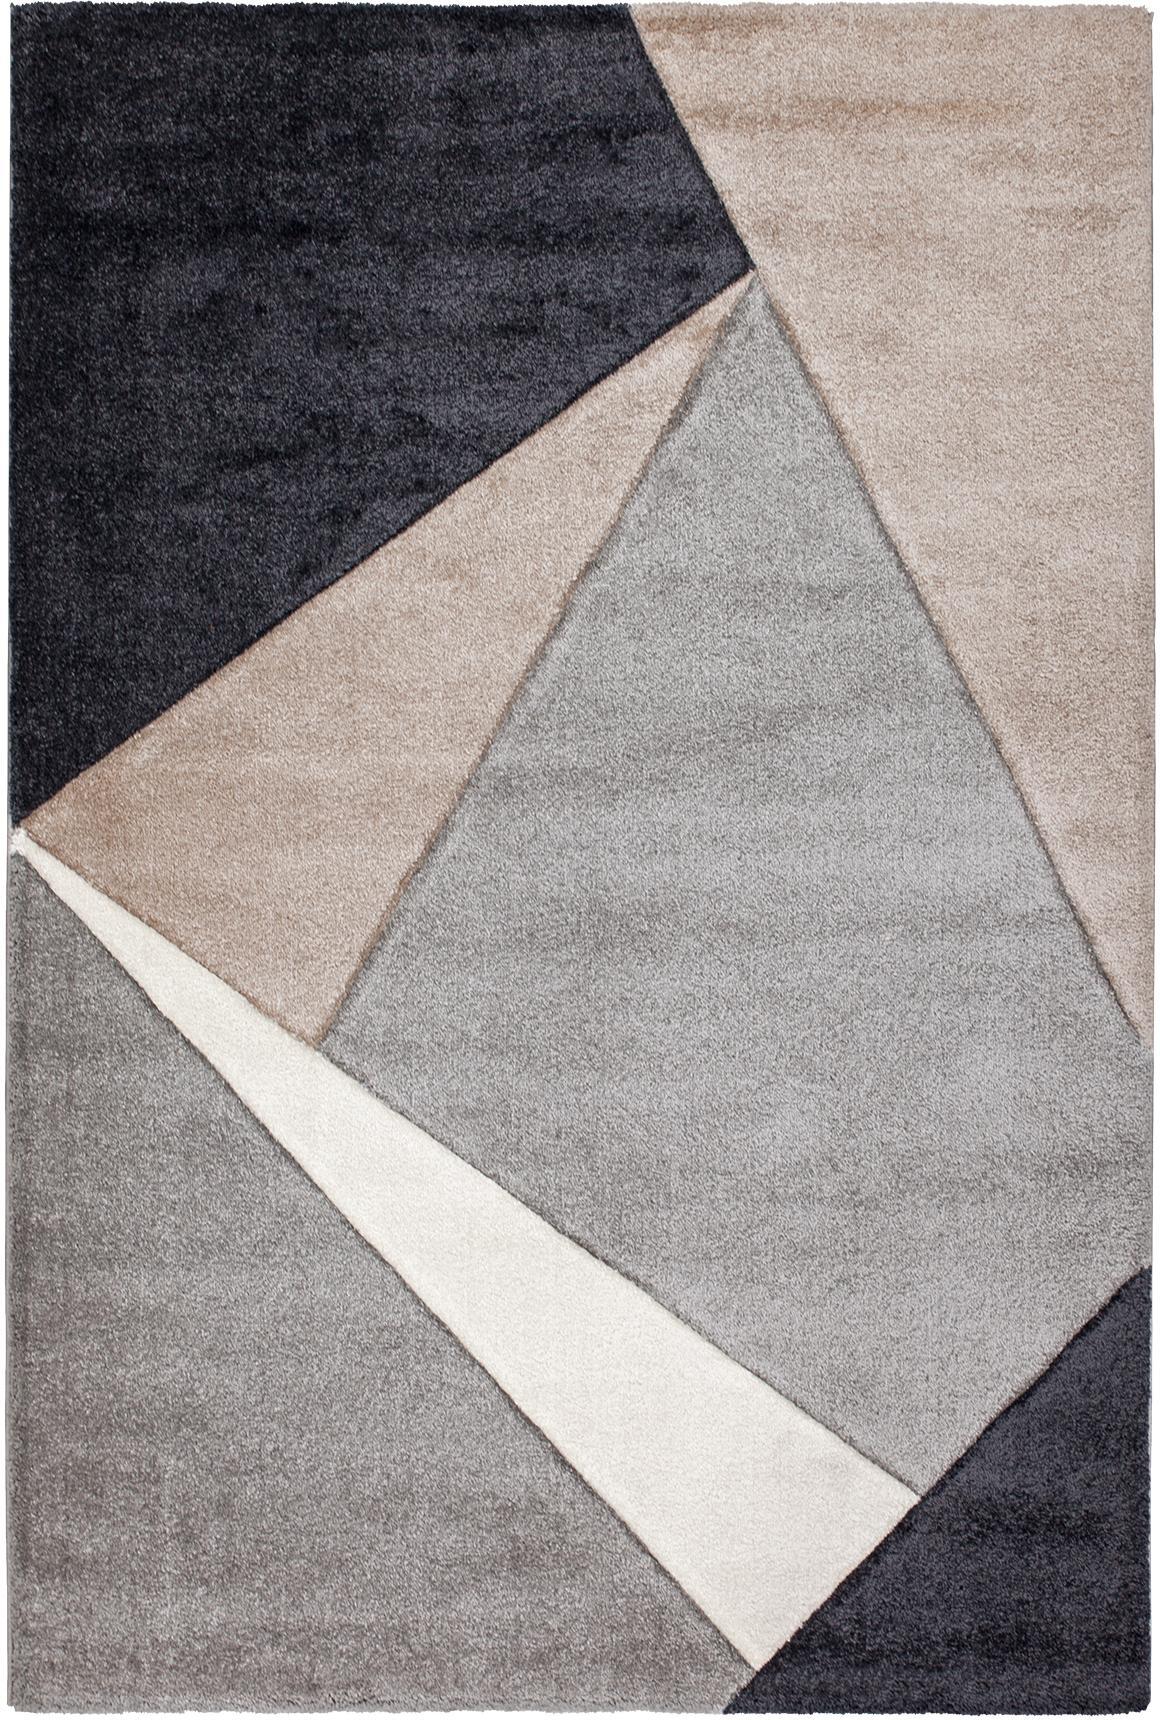 Teppich My Broadway mit geometrischem Muster in Beige-Grau, Flor: 100% Polypropylen, Taupe, Beige, Anthrazit, Grau, B 160 x L 230 cm (Größe M)